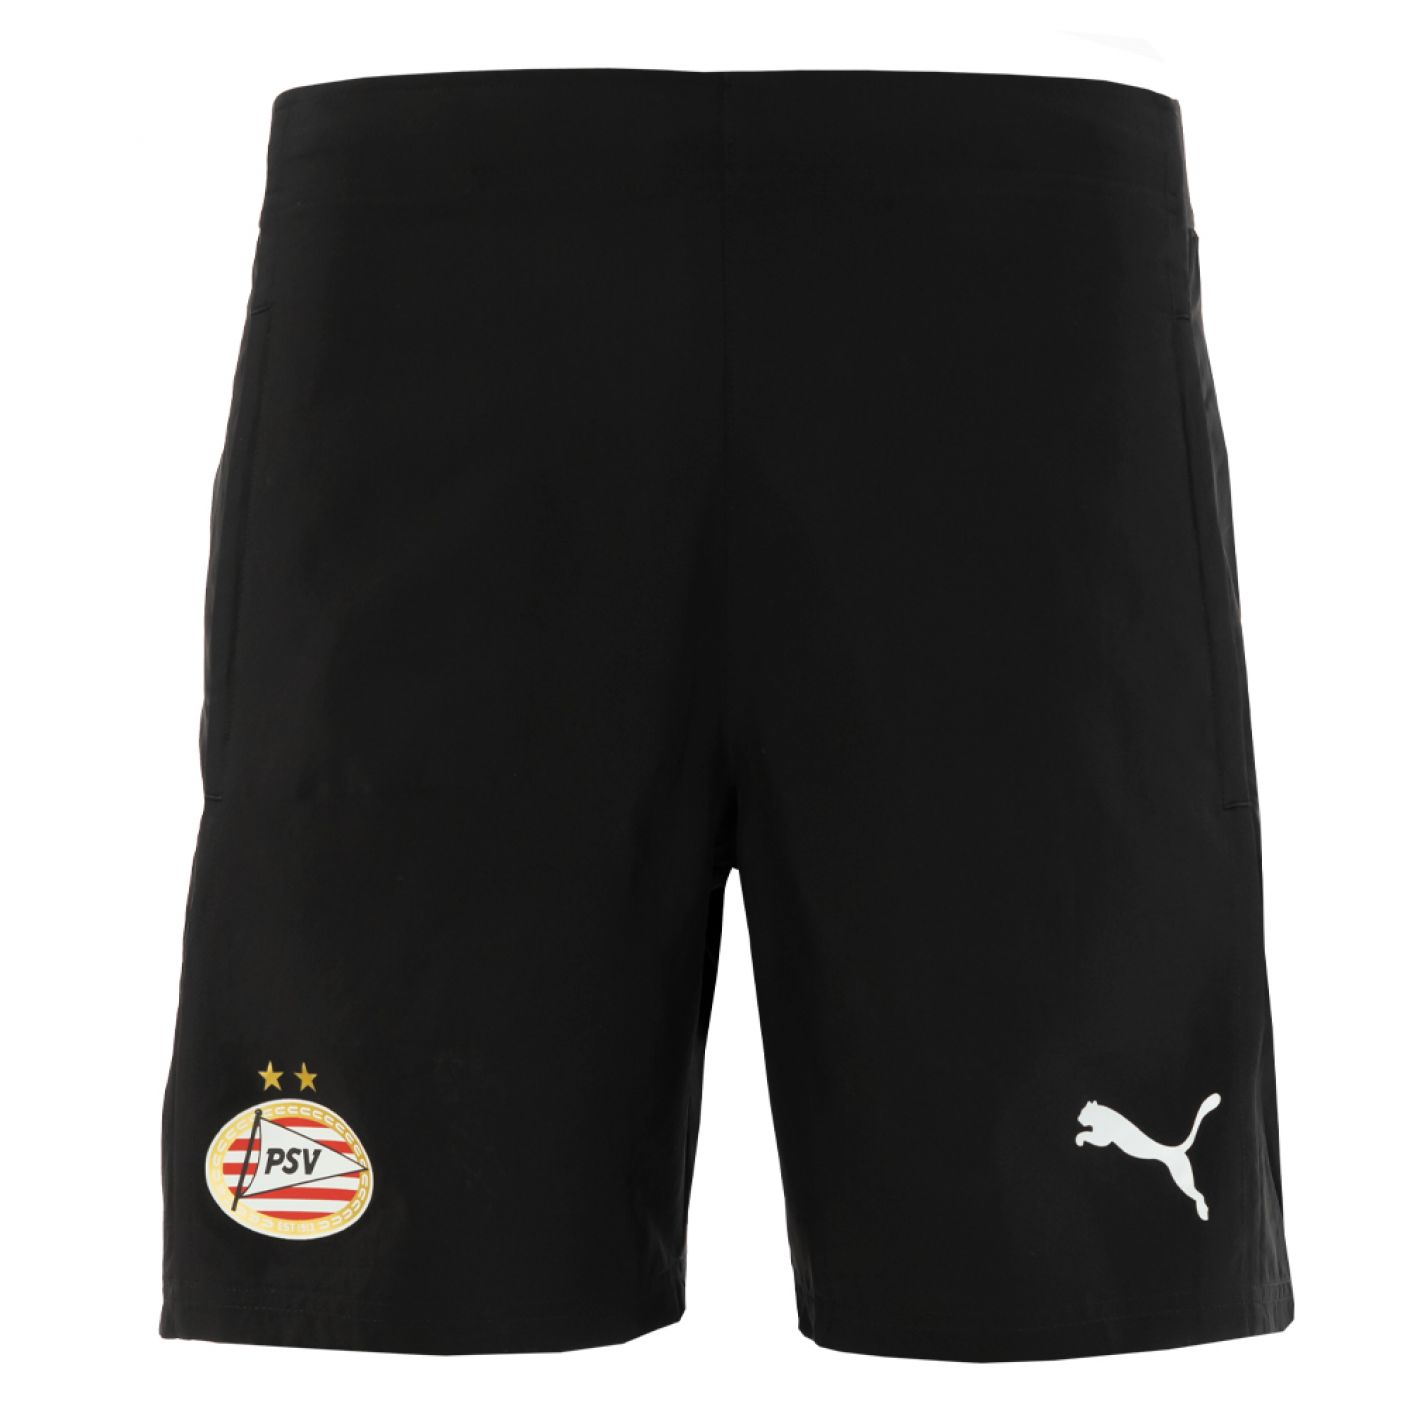 PSV Trainingsshort Woven 20/21 Zwart